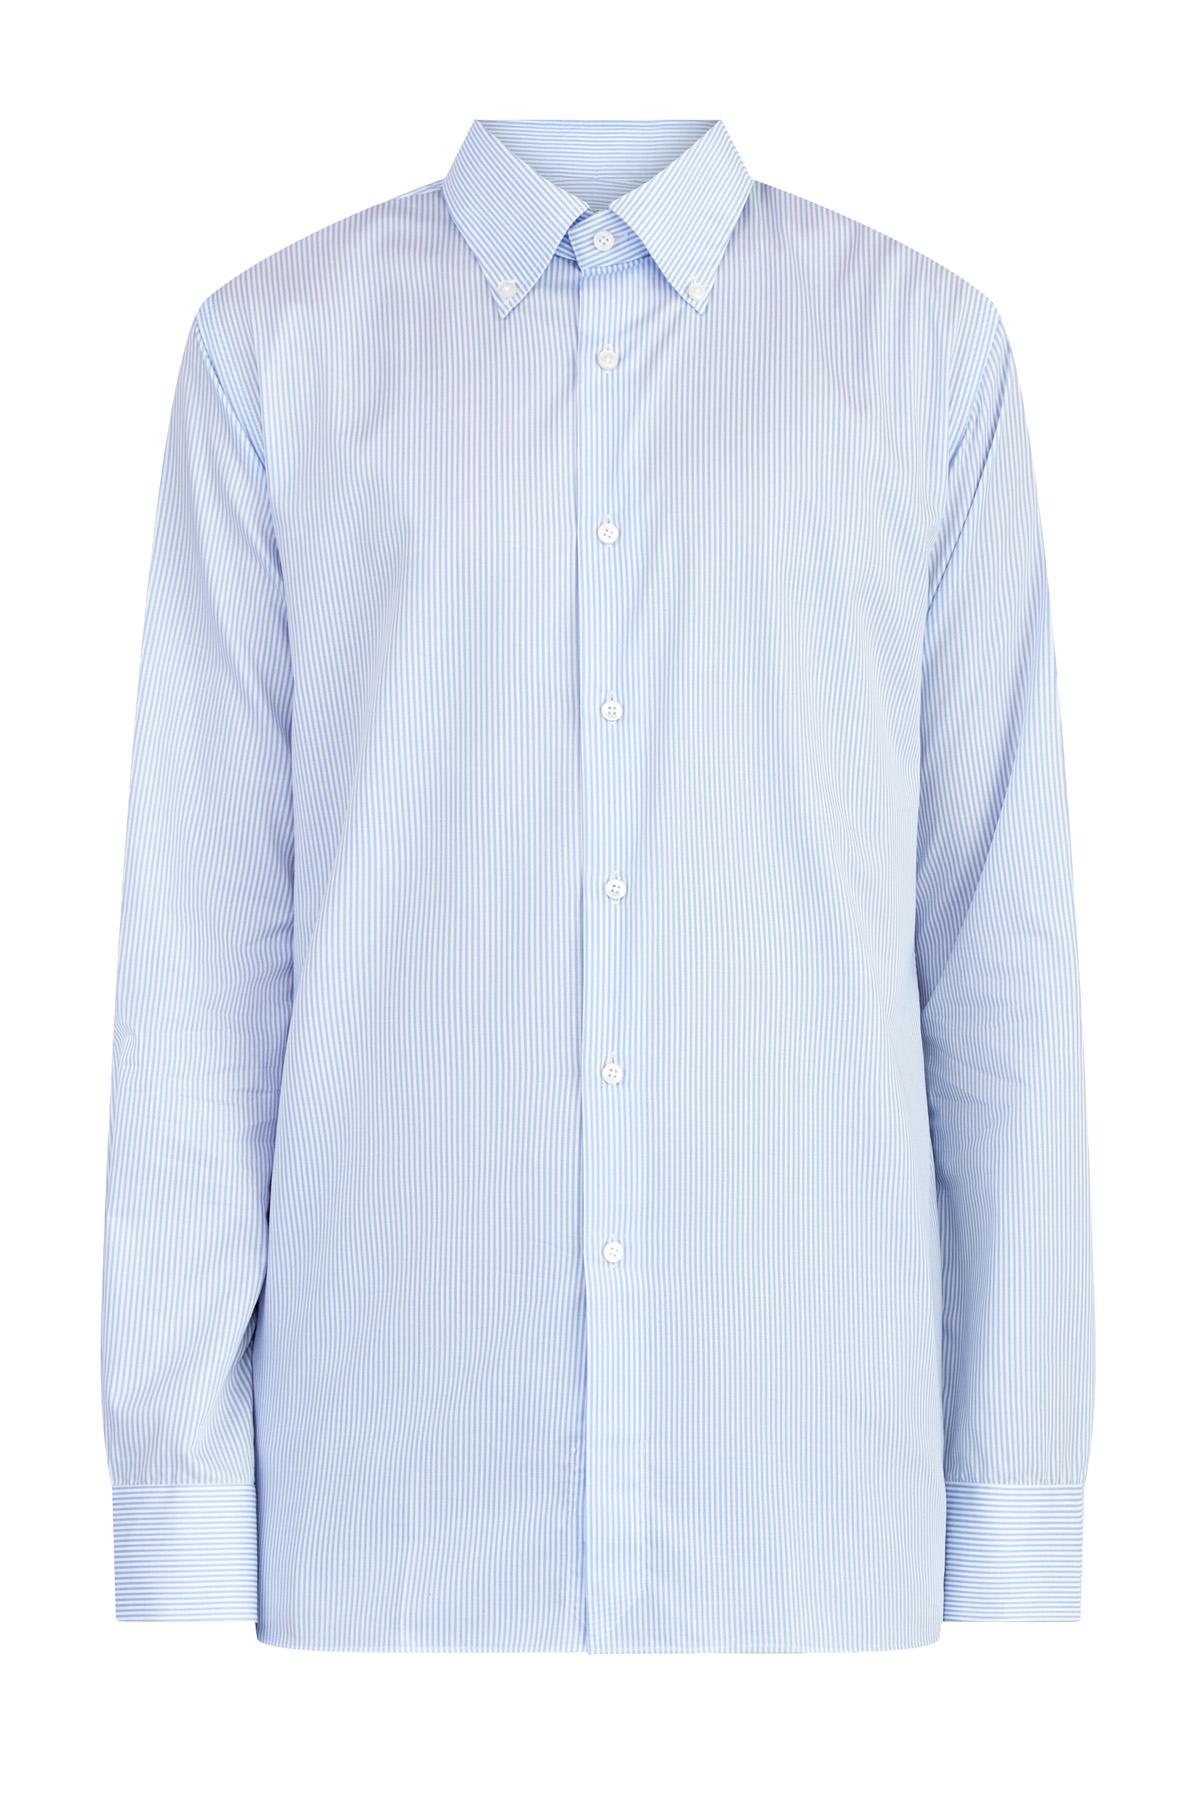 Рубашка из поплина Wrinkle Free с принтом бело-голубую в полоску